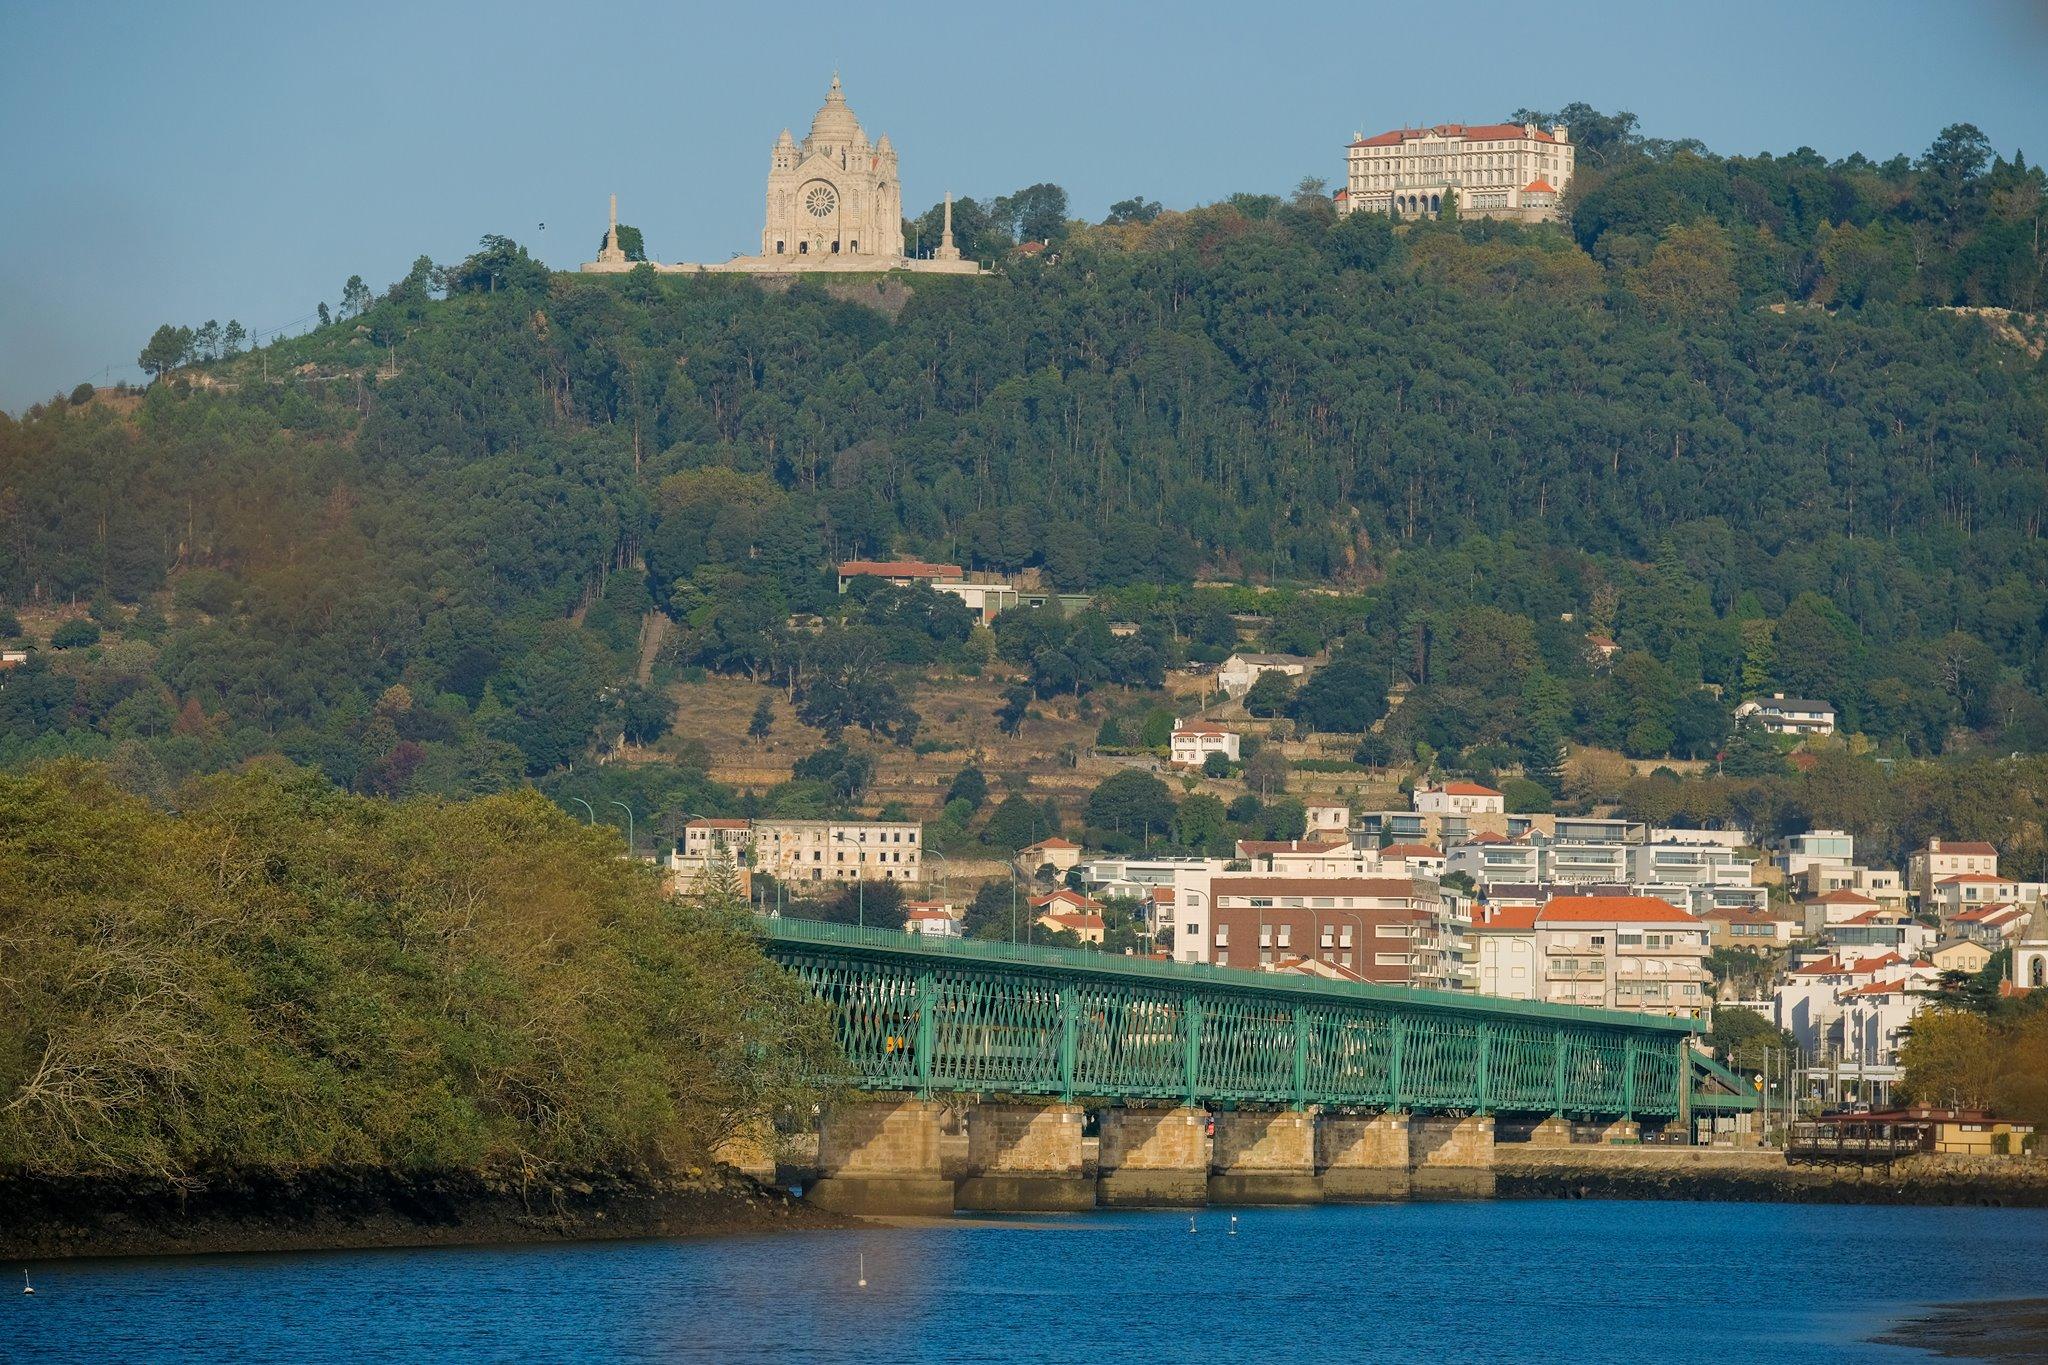 Viana do Castelo avança com sistema de manutenção de pontes e obras de engenharia criado pela UMinho